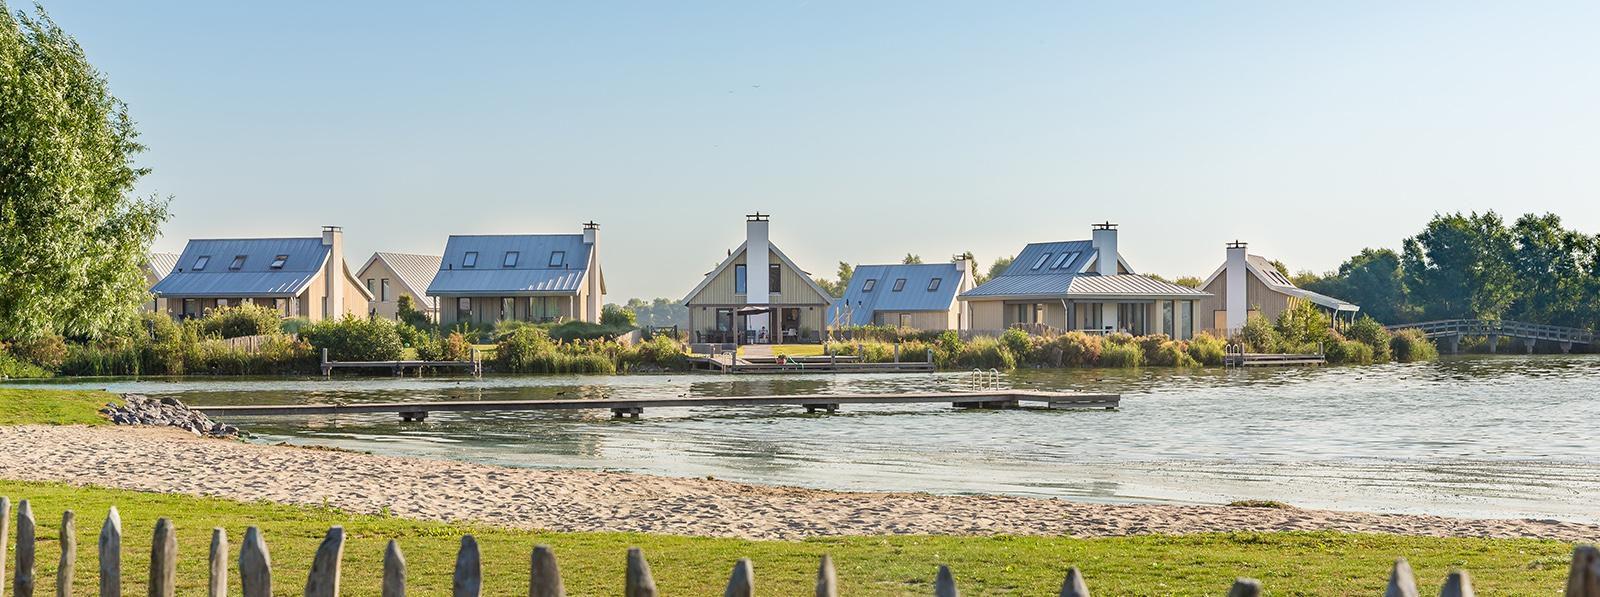 Vakantie in een vakantievilla bij Resort Waterrijk Oesterdam